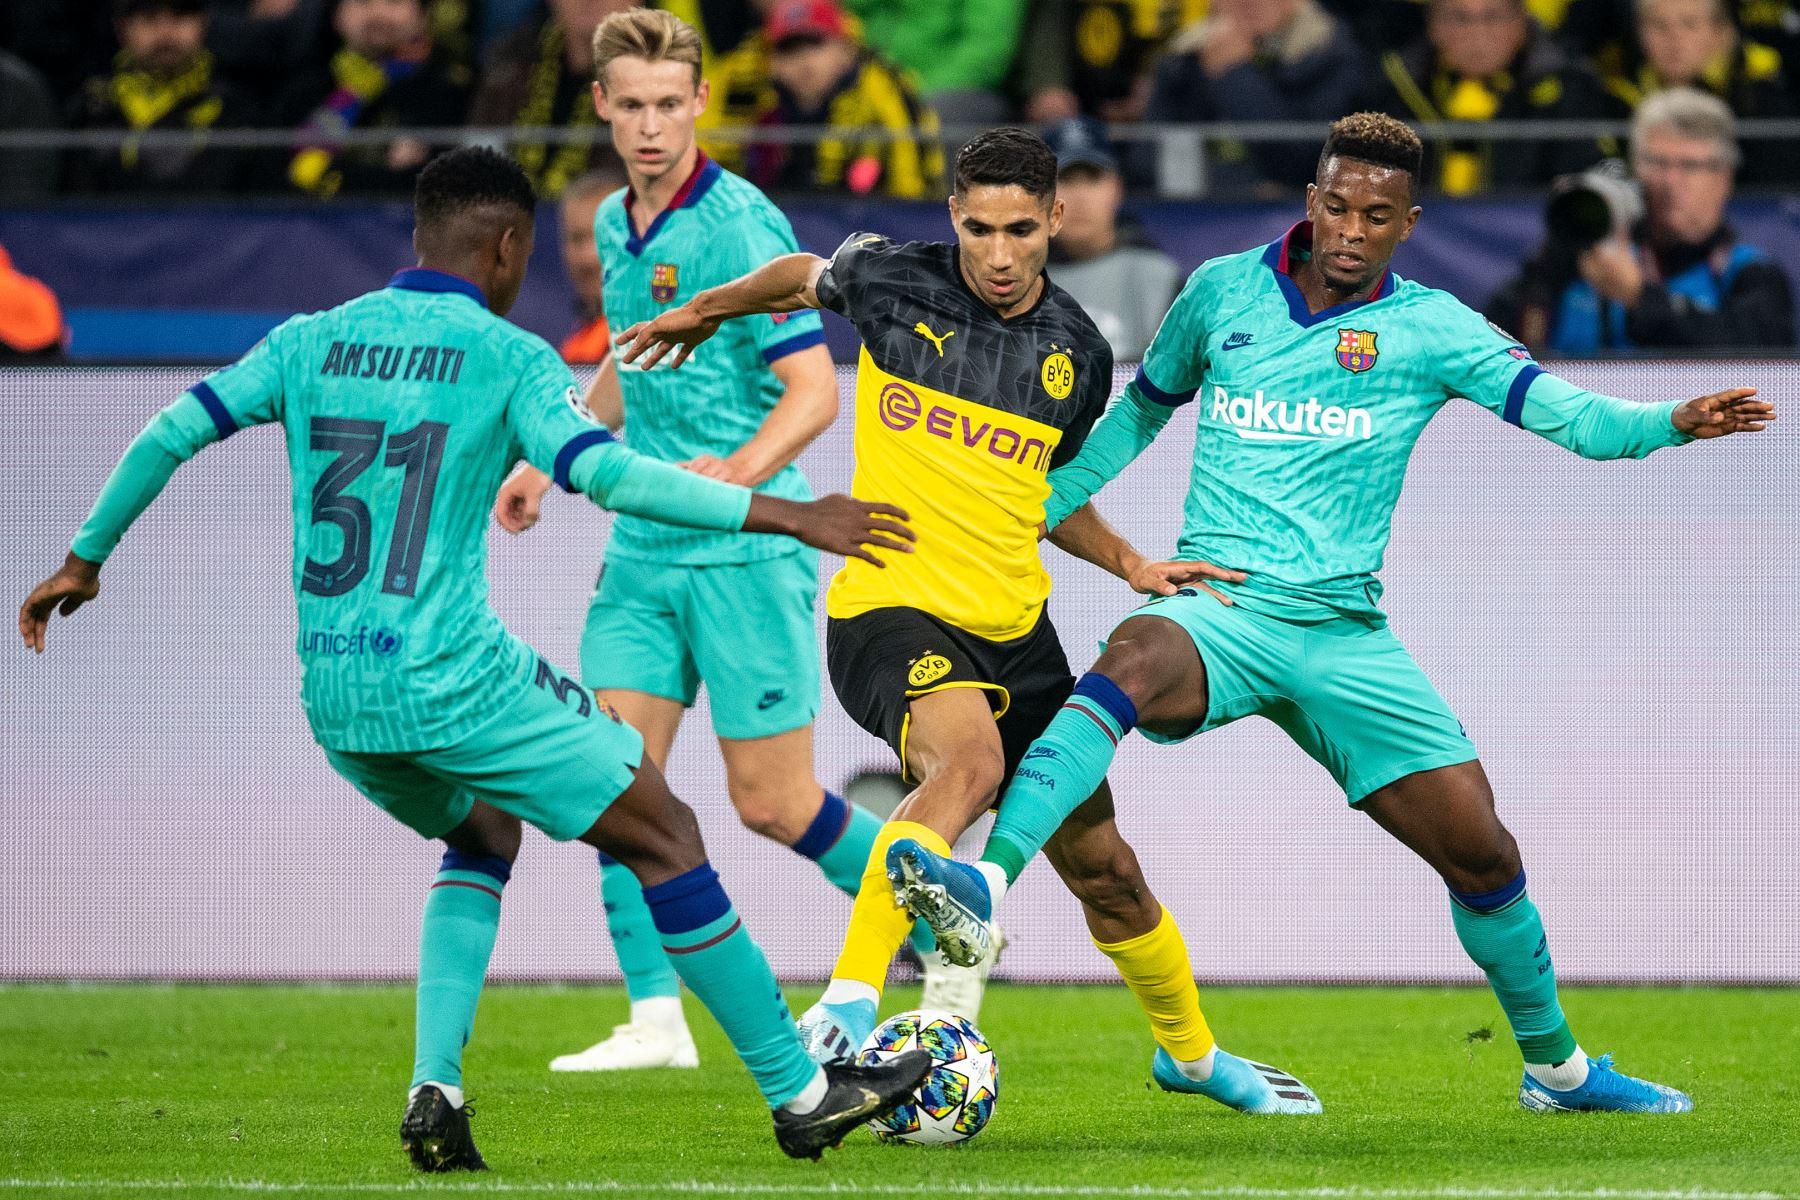 El defensor marroquí de Dortmund Achraf Hakimi (C) compite por el balón con el delantero de Guinea-Bissau de Barcelona Ansu Fati (L) y el defensor del Barsa Nelson Semedo (R) durante el partido de fútbol del Grupo F de la Liga de Campeones de la UEFA.Foto:AFP